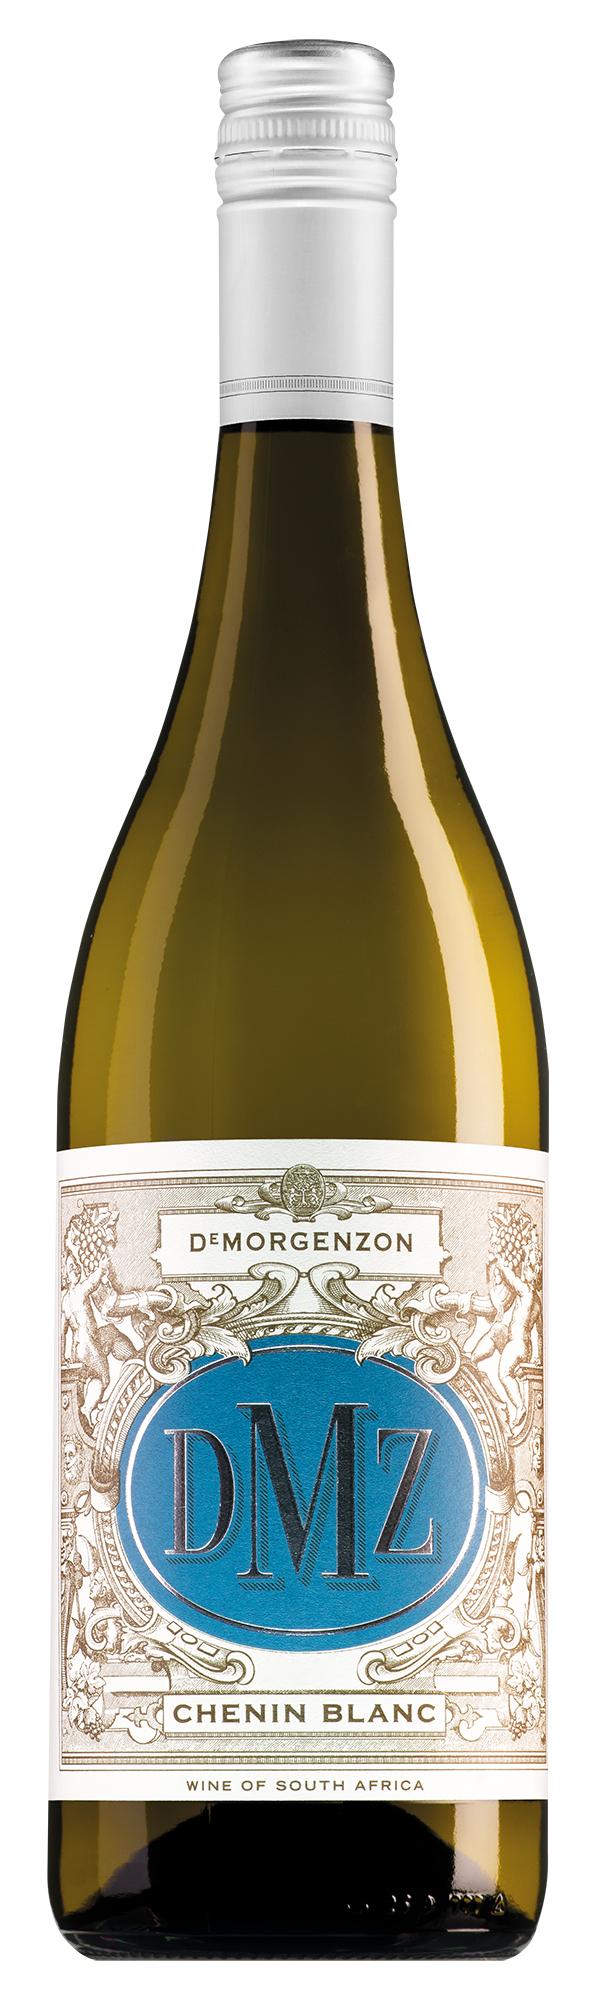 DeMorgenzon DMZ Western-Cape Limited Release Chenin Blanc